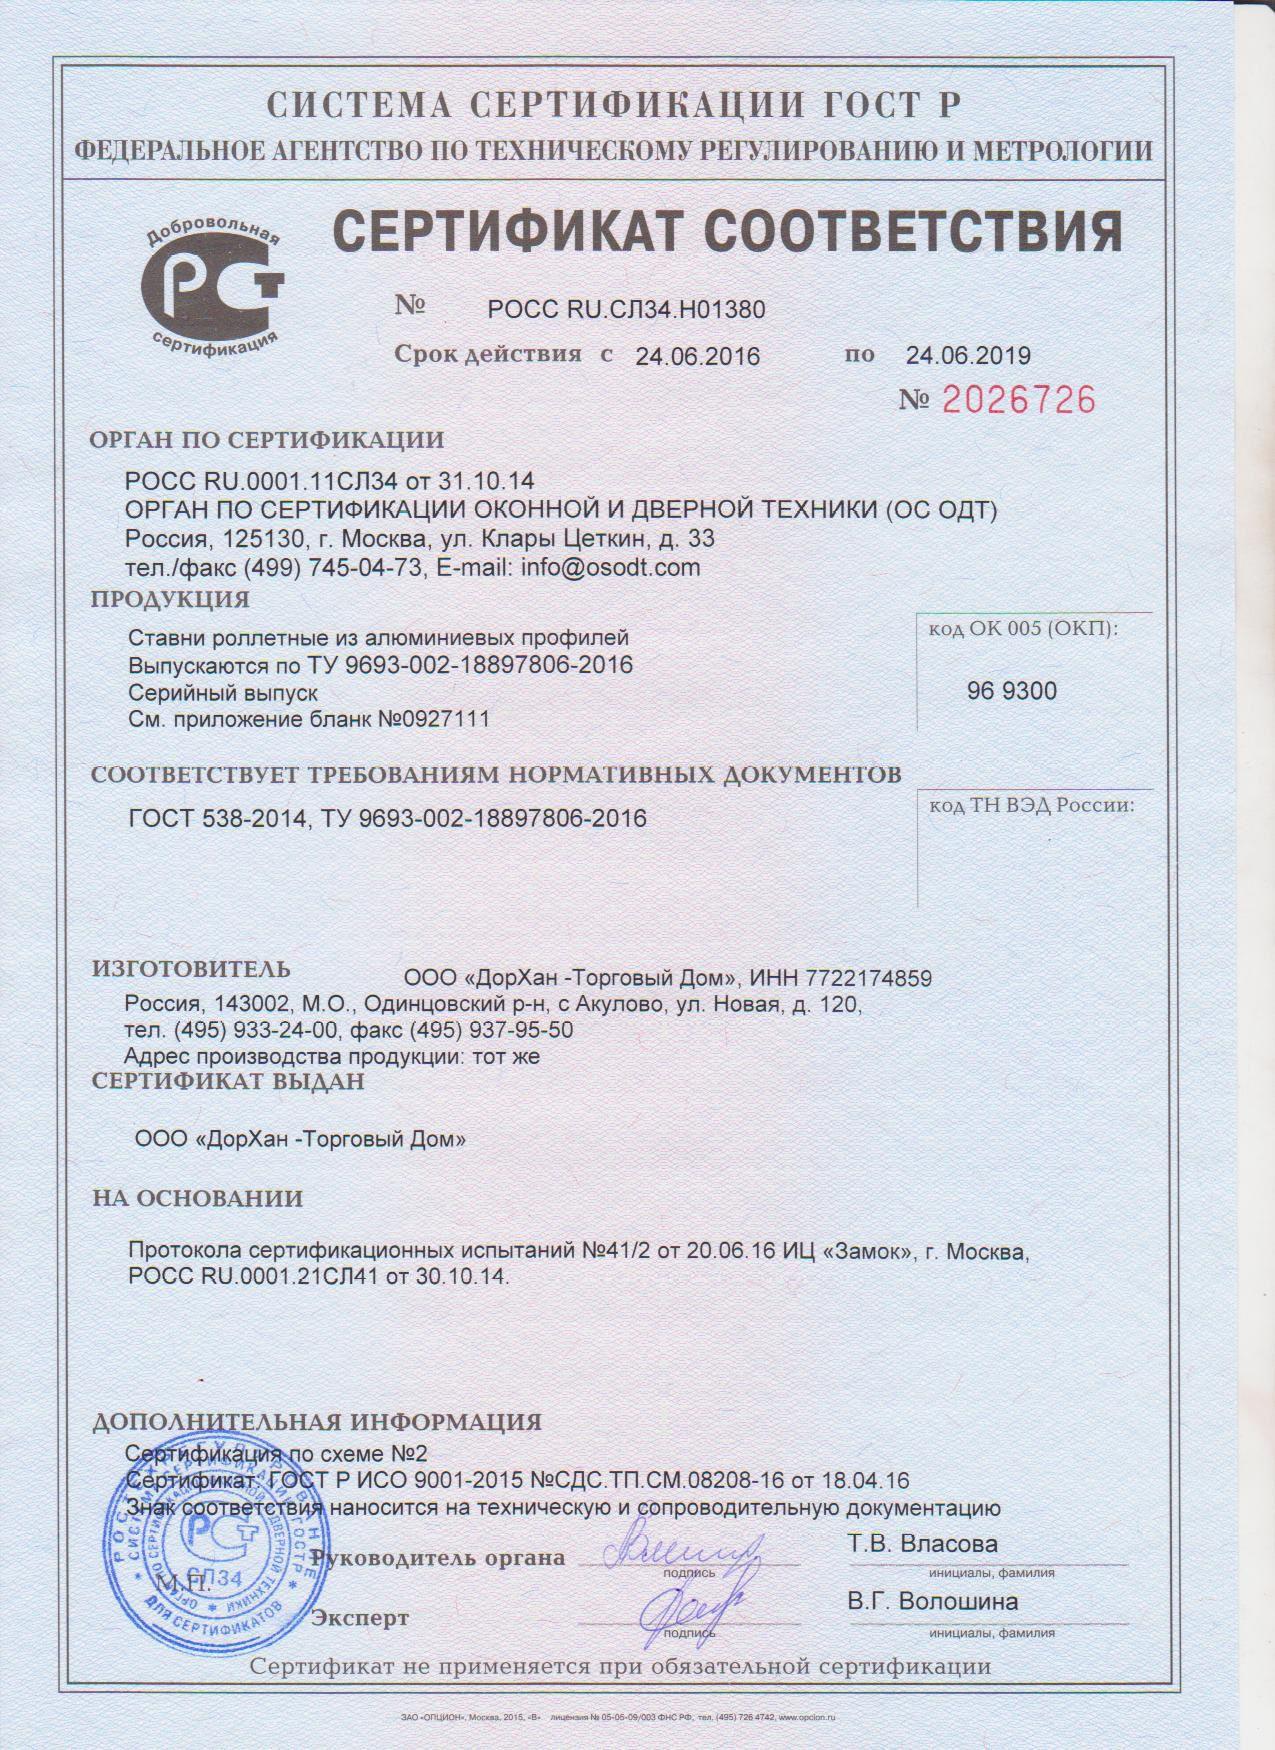 sertifikaty-sootvetstviya-rolstavni-dorhan